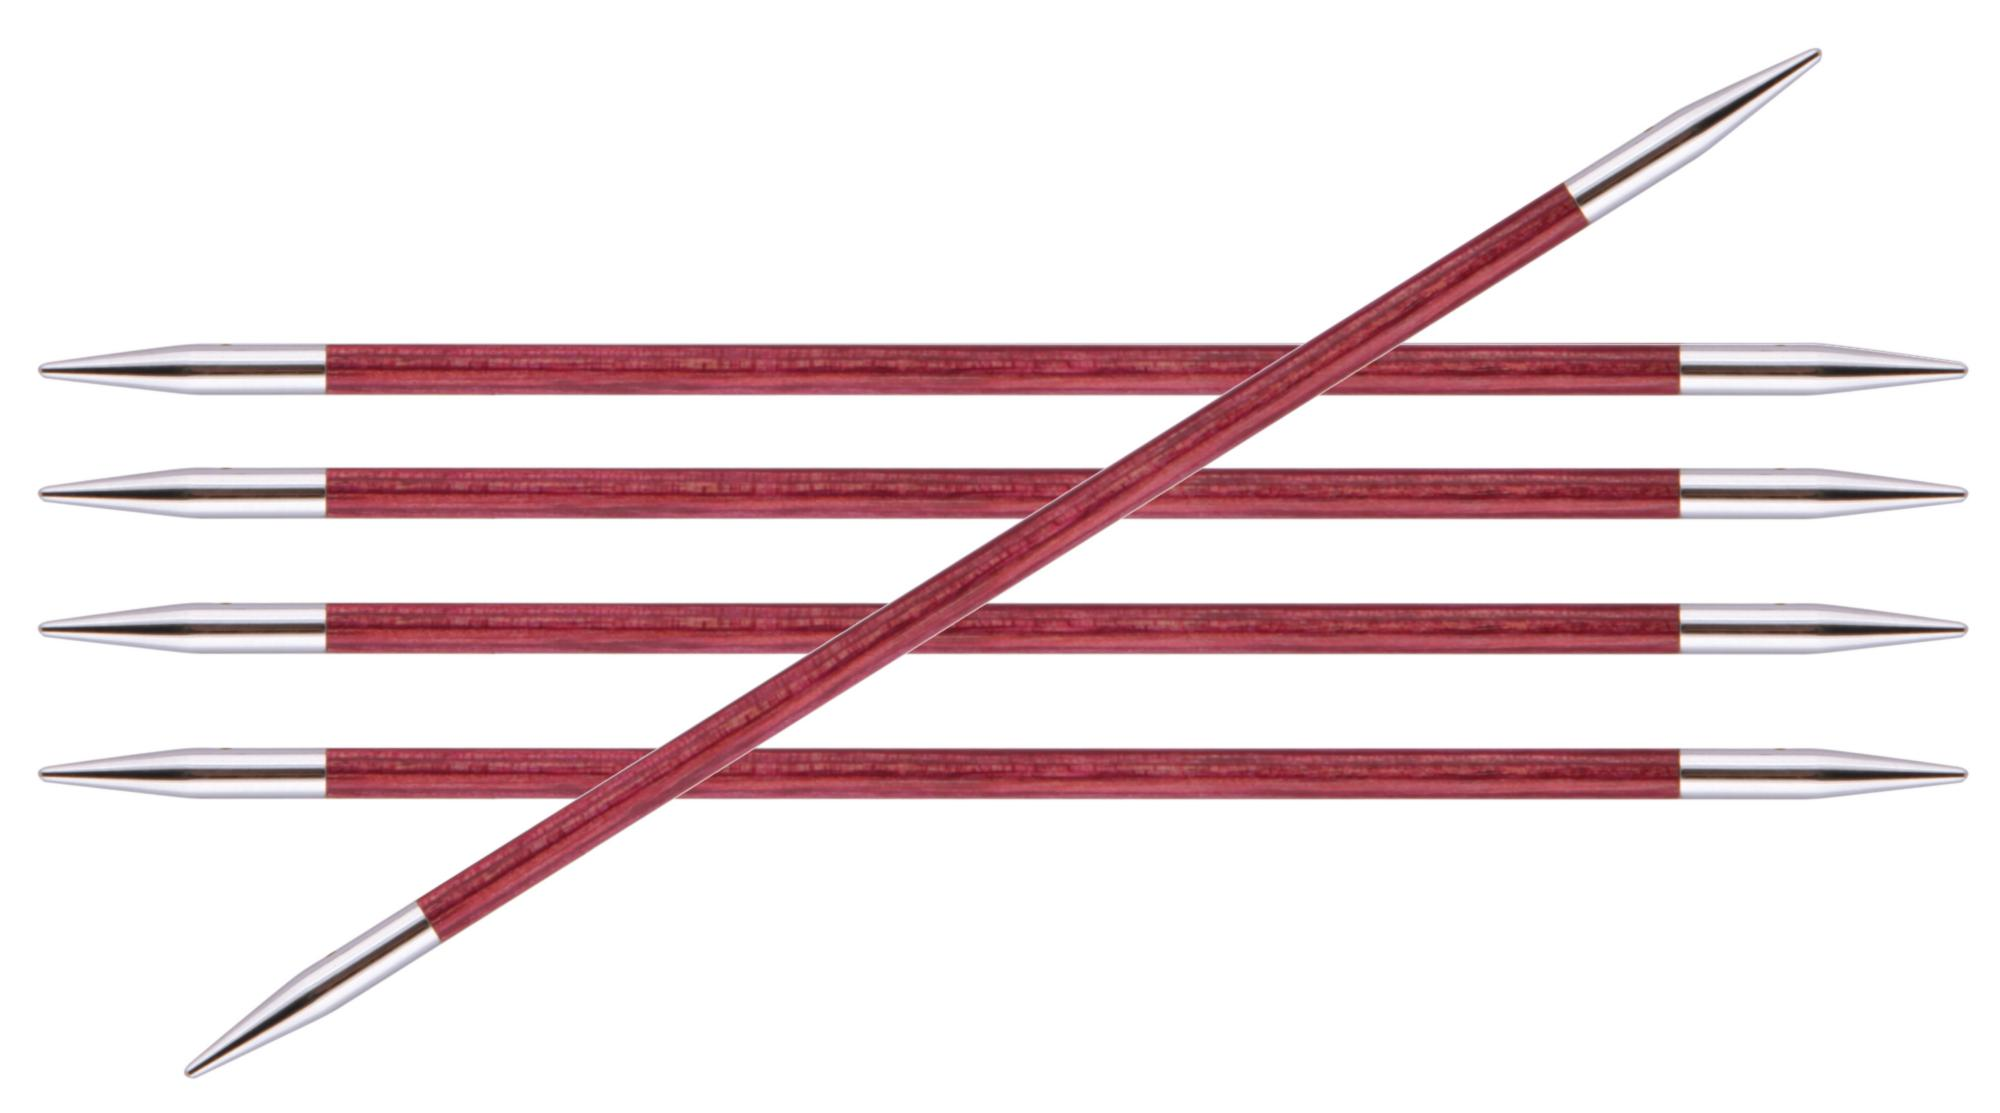 Спицы носочные 20 см Royale KnitPro, 29037, 4.00 мм